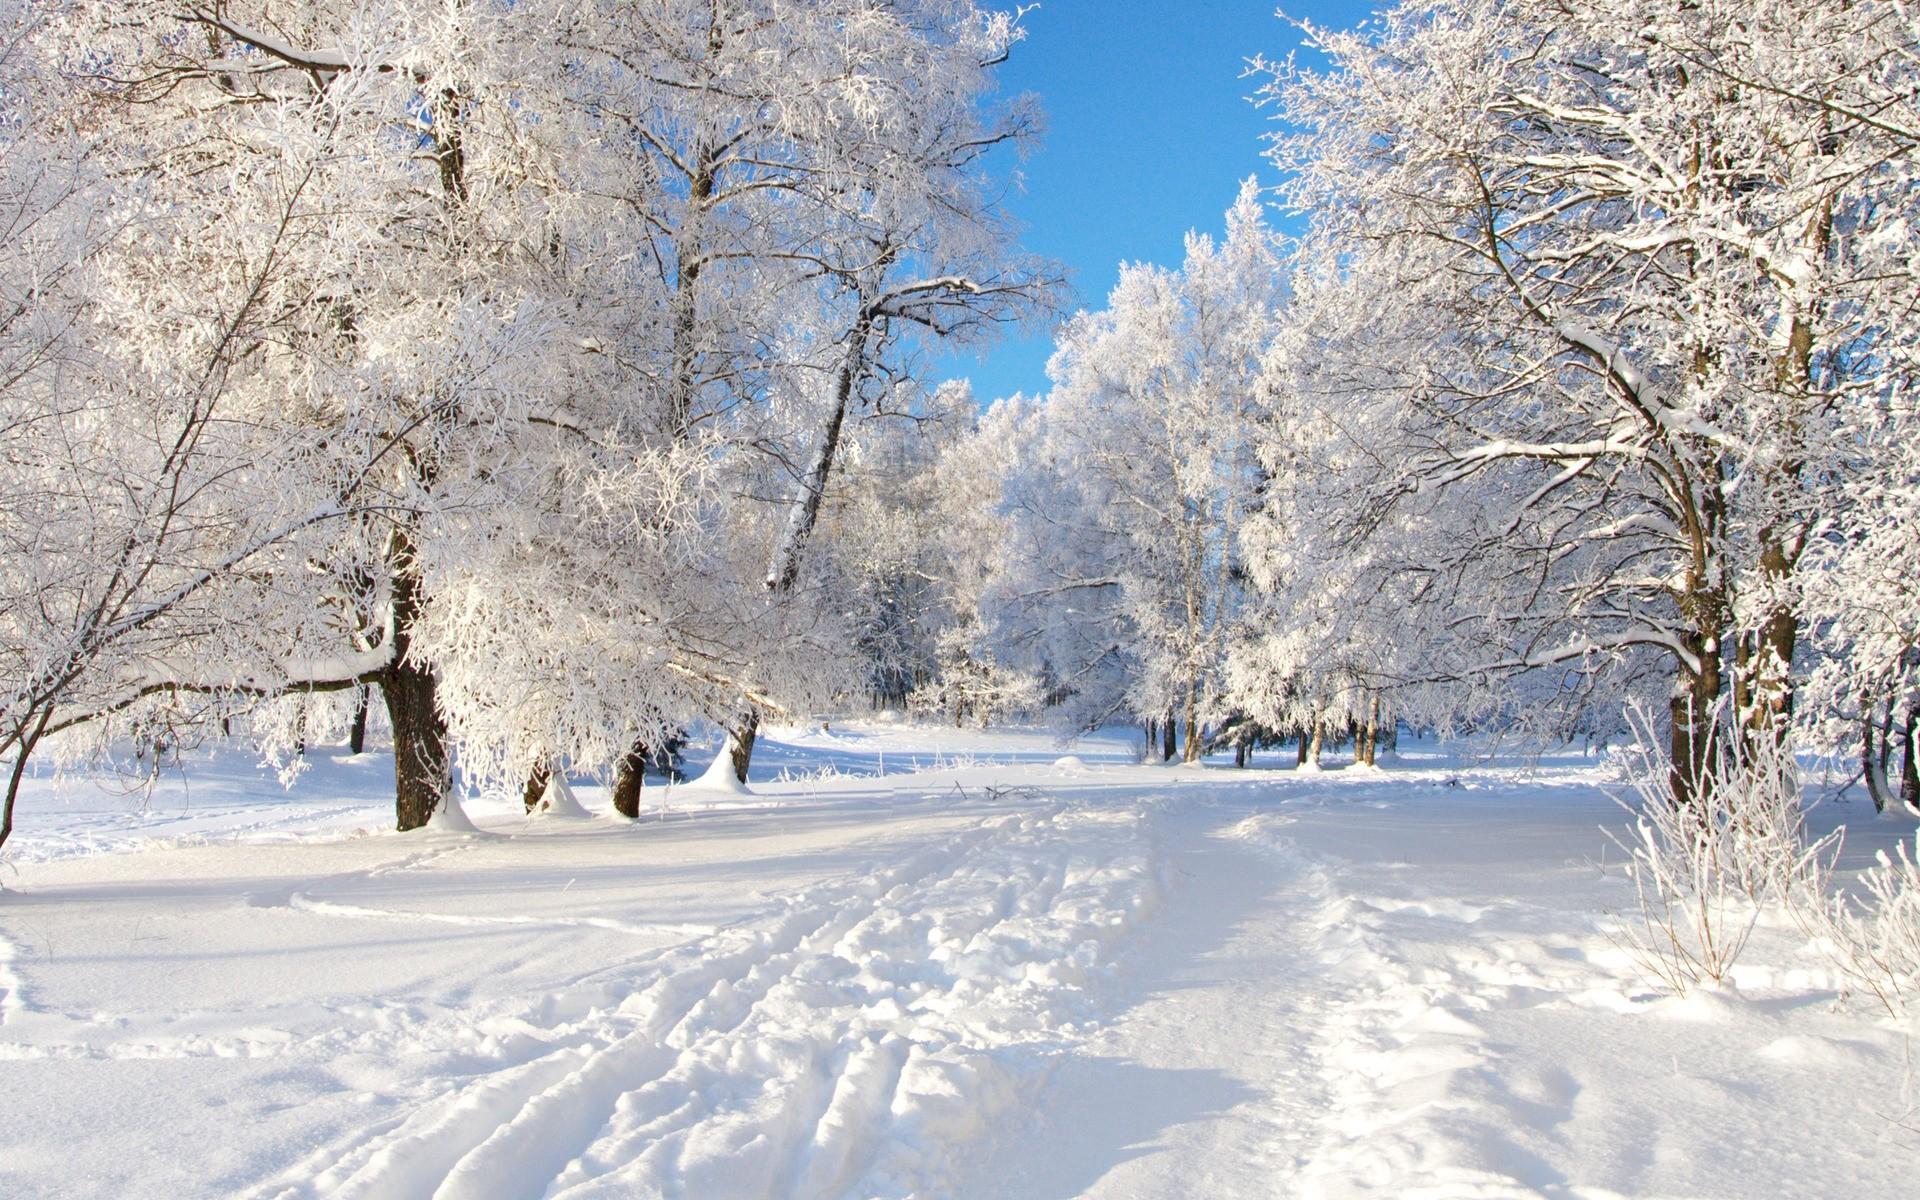 Nieve en las ciudades por navidad - 1920x1200